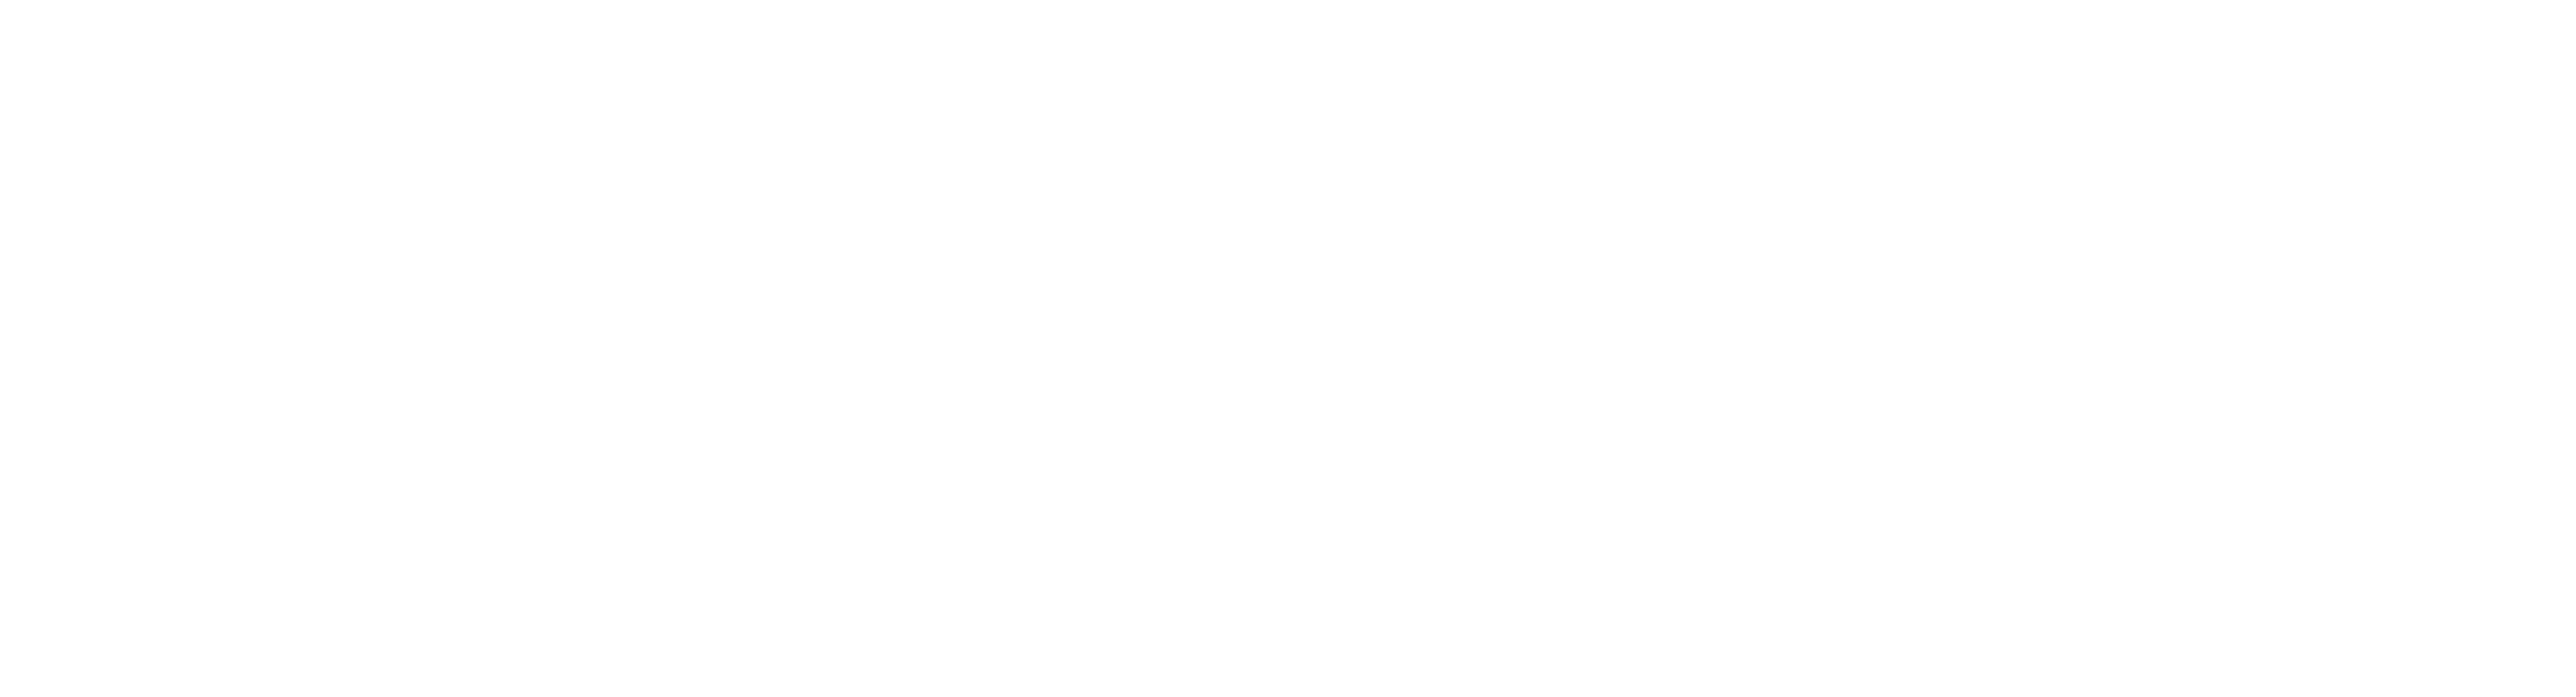 DaZPlayer Logo Oficial